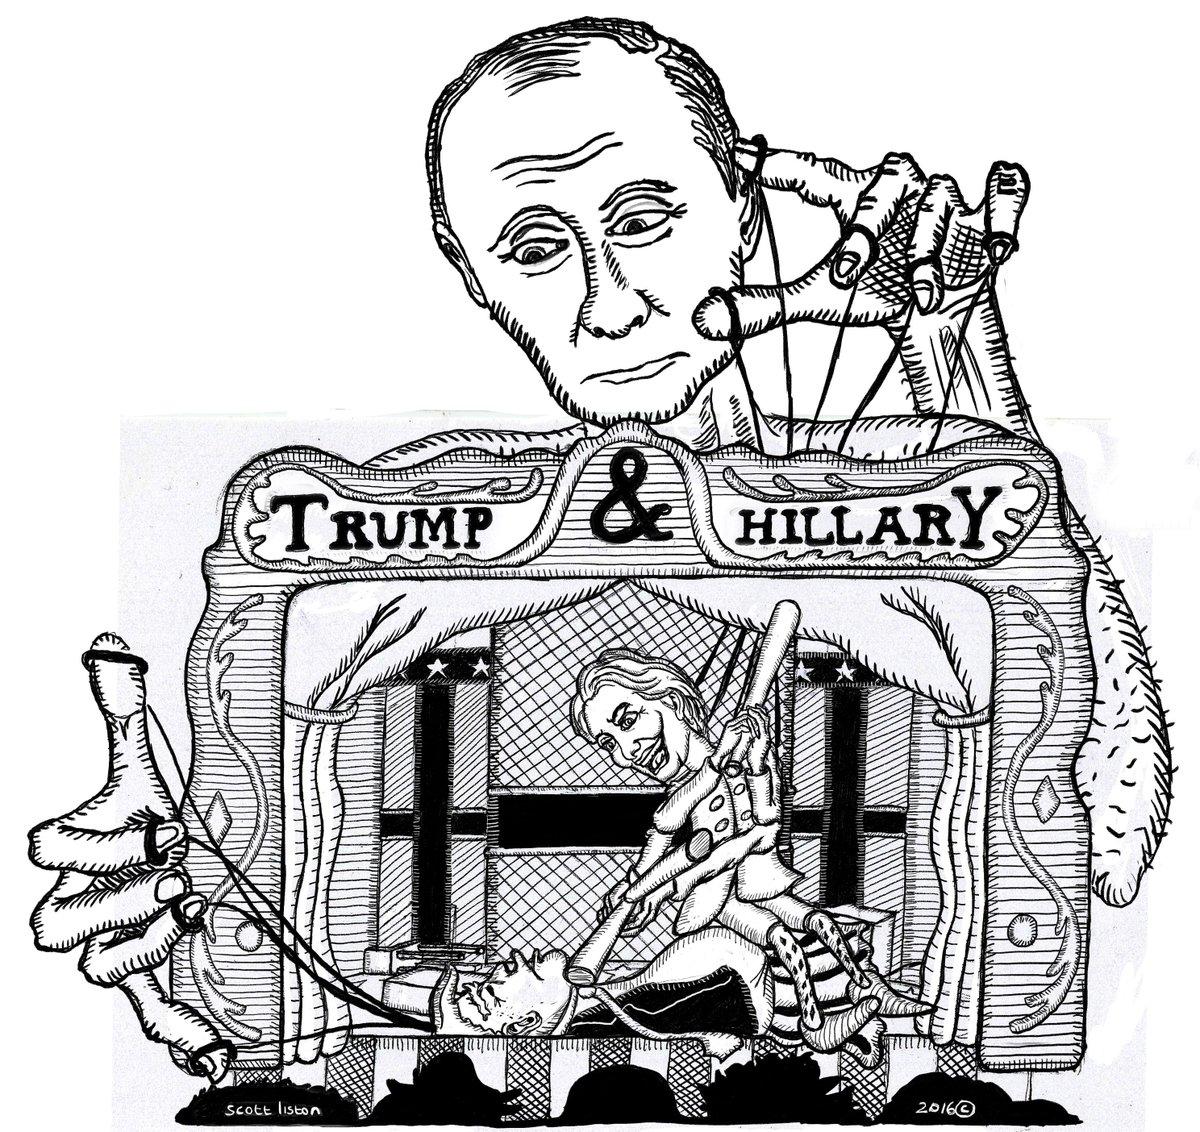 1200x1132 Scott Liston On Twitter Putin's Puppet Show